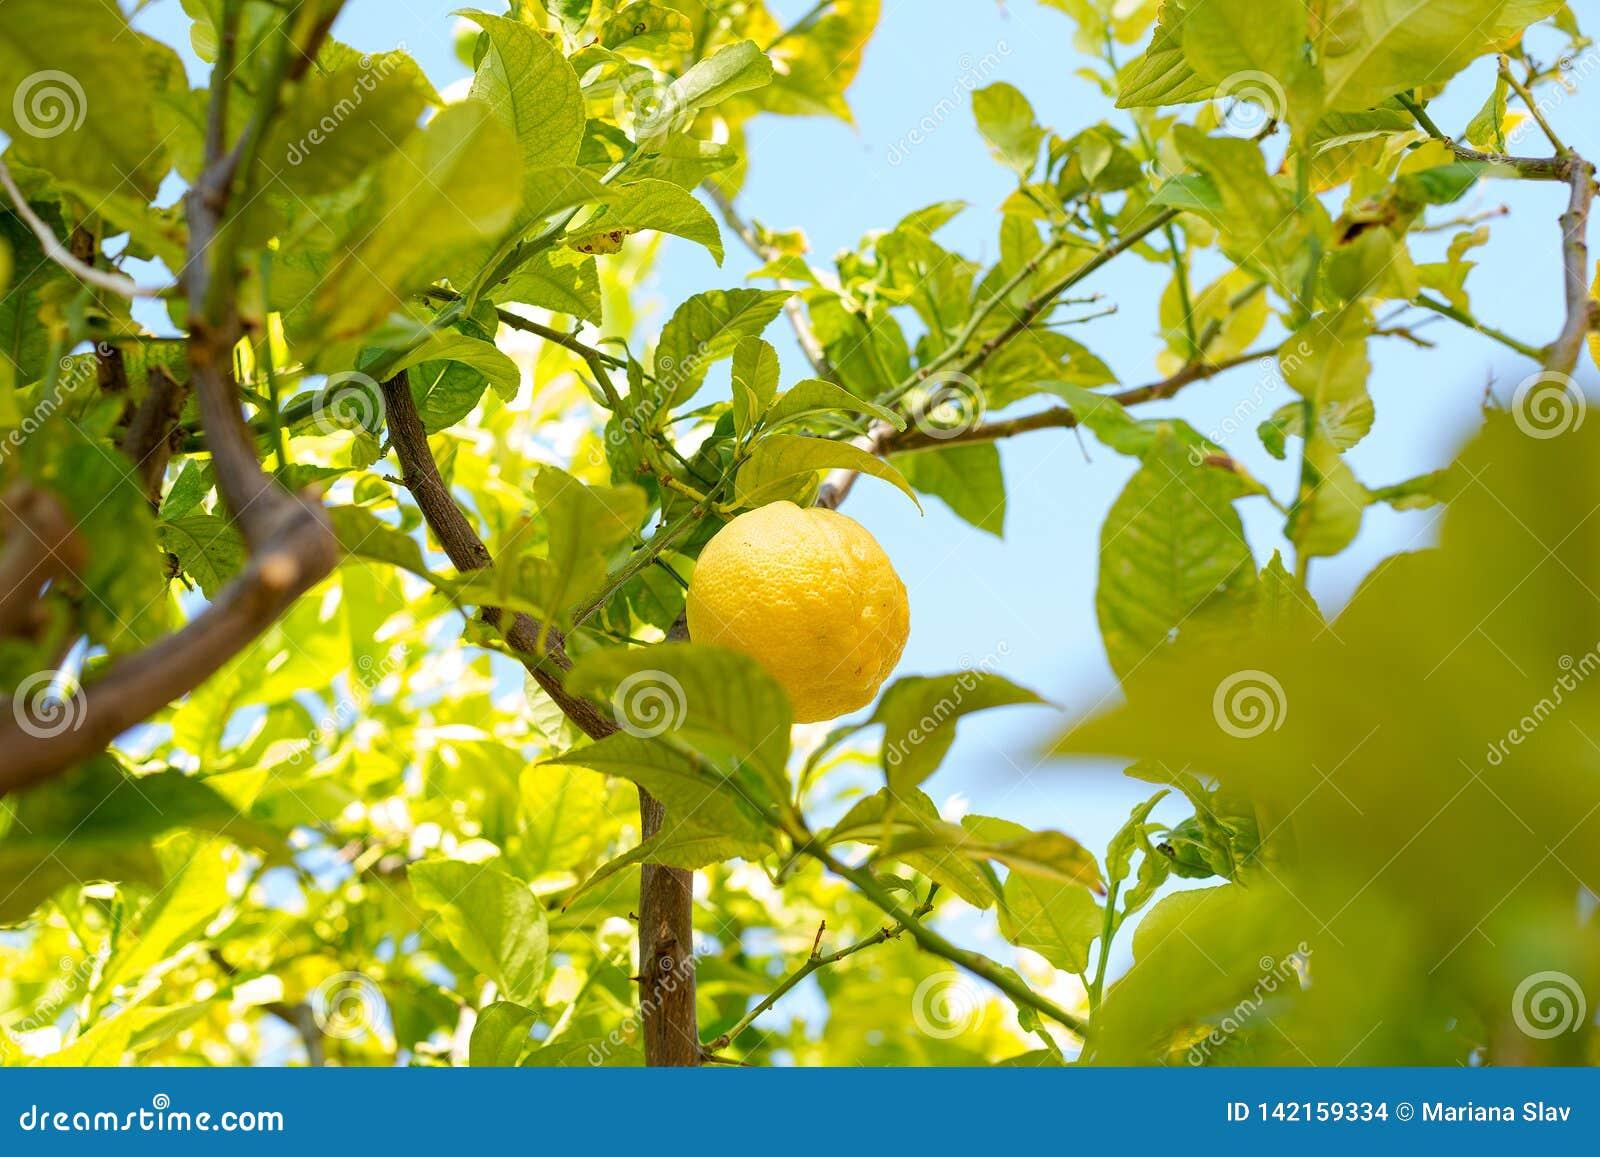 Κινηματογράφηση σε πρώτο πλάνο του λεμονιού στο δέντρο